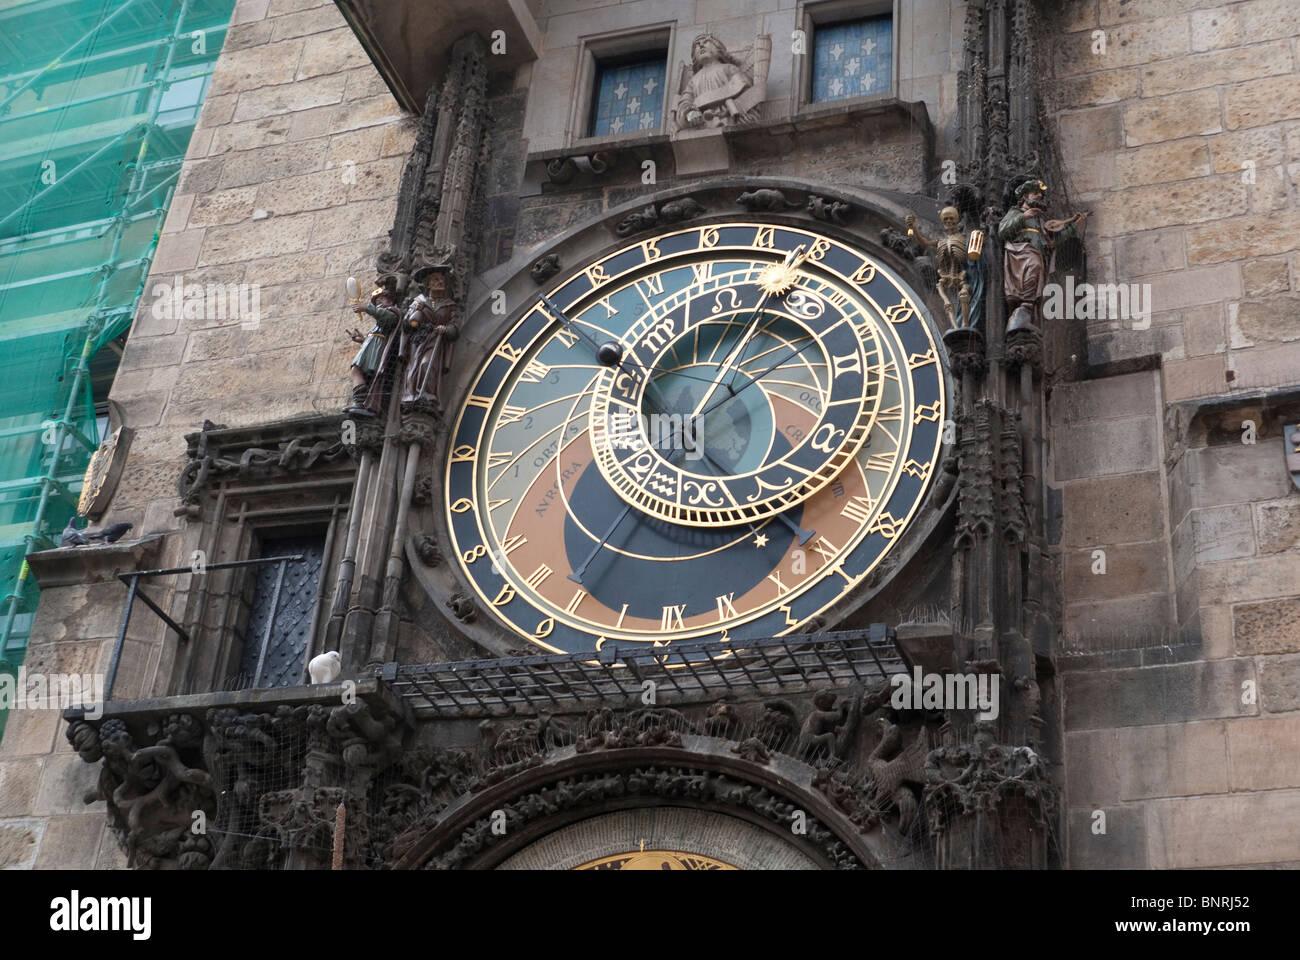 Prazsky Orloj Clock in Staromestske Namesti, Main Square in Prague Stock Photo